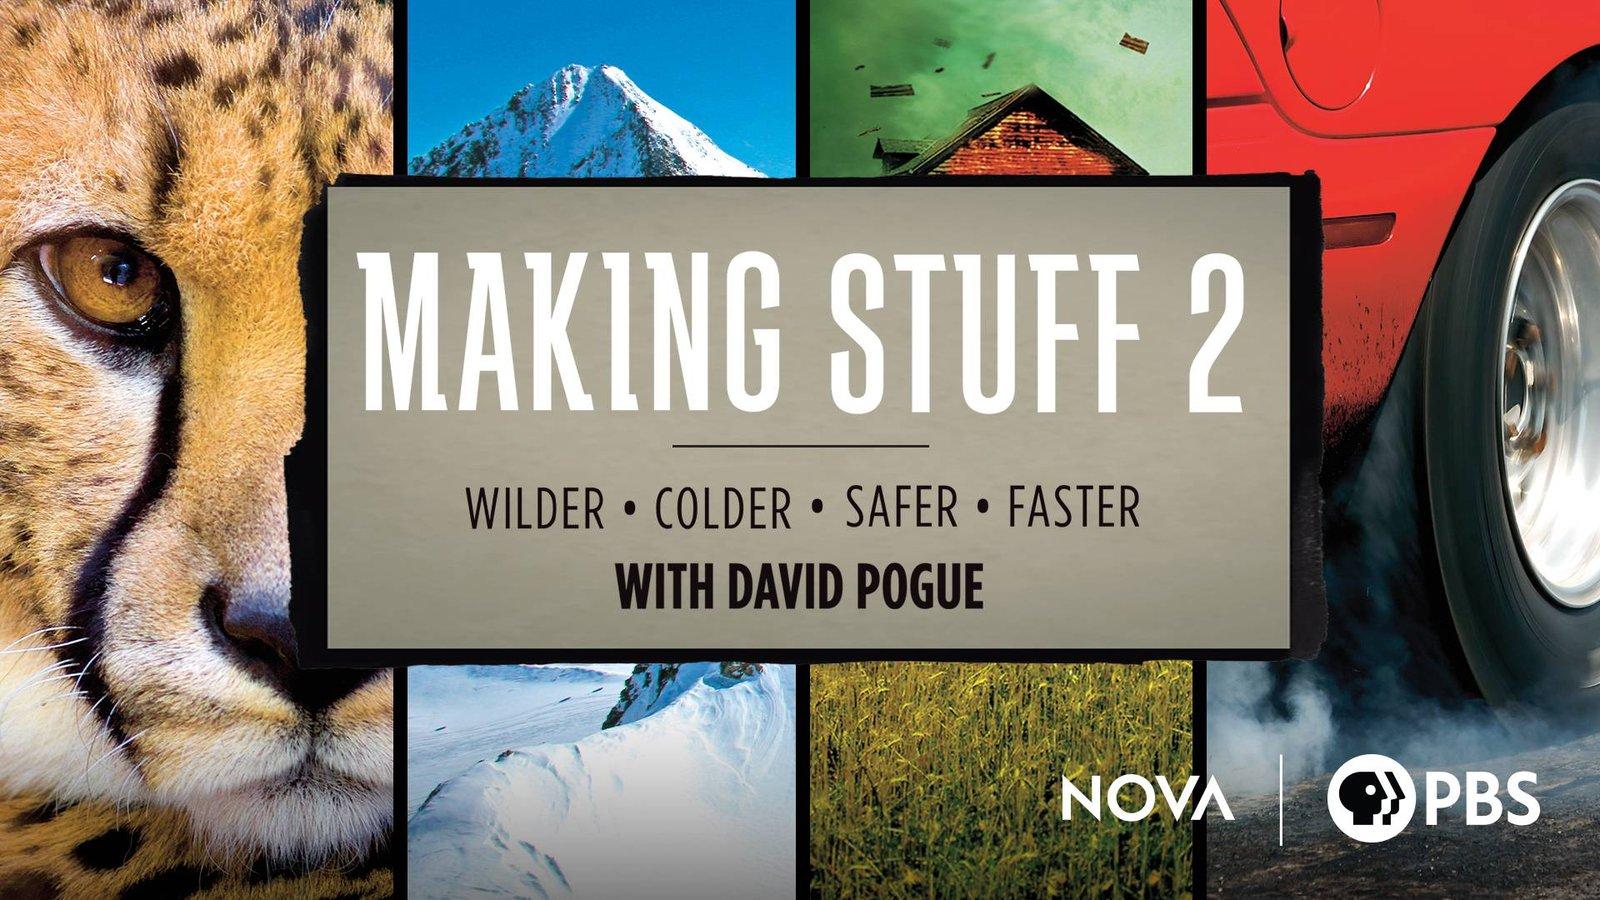 NOVA - Making More Stuff